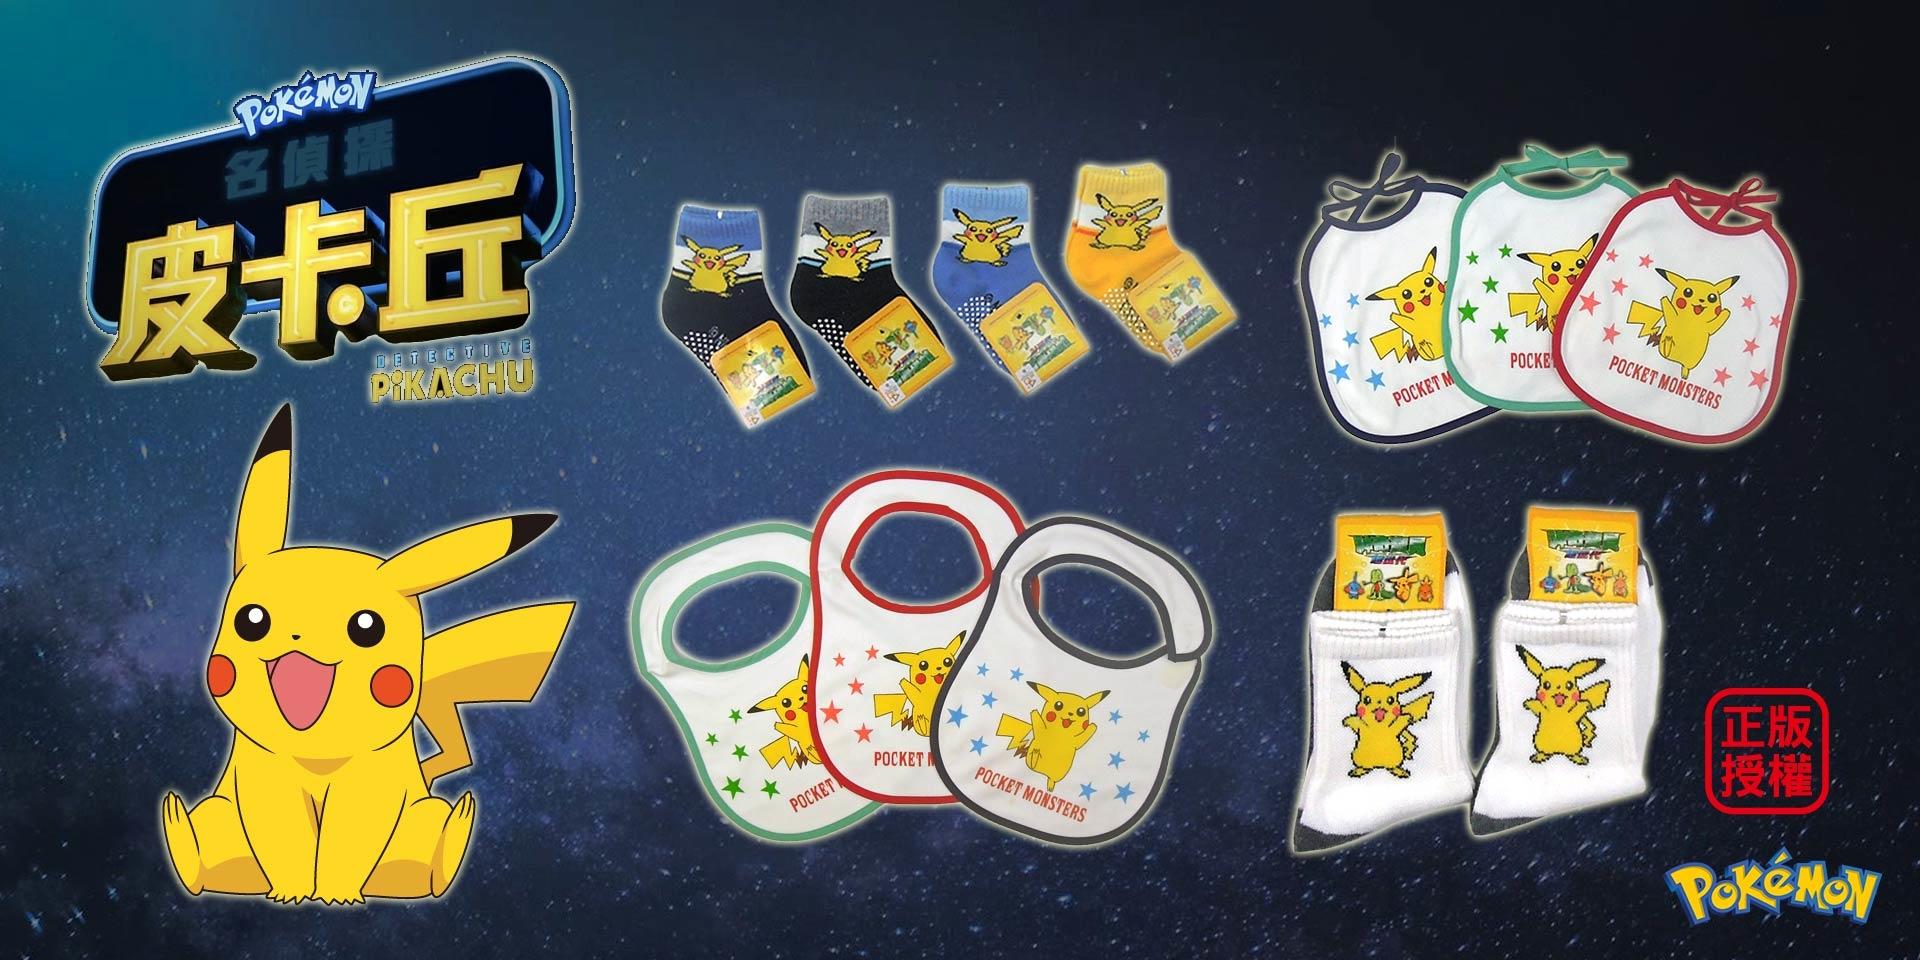 皮卡丘系列商品 ~童襪、嬰兒襪、自黏圍兜、綁帶圍兜